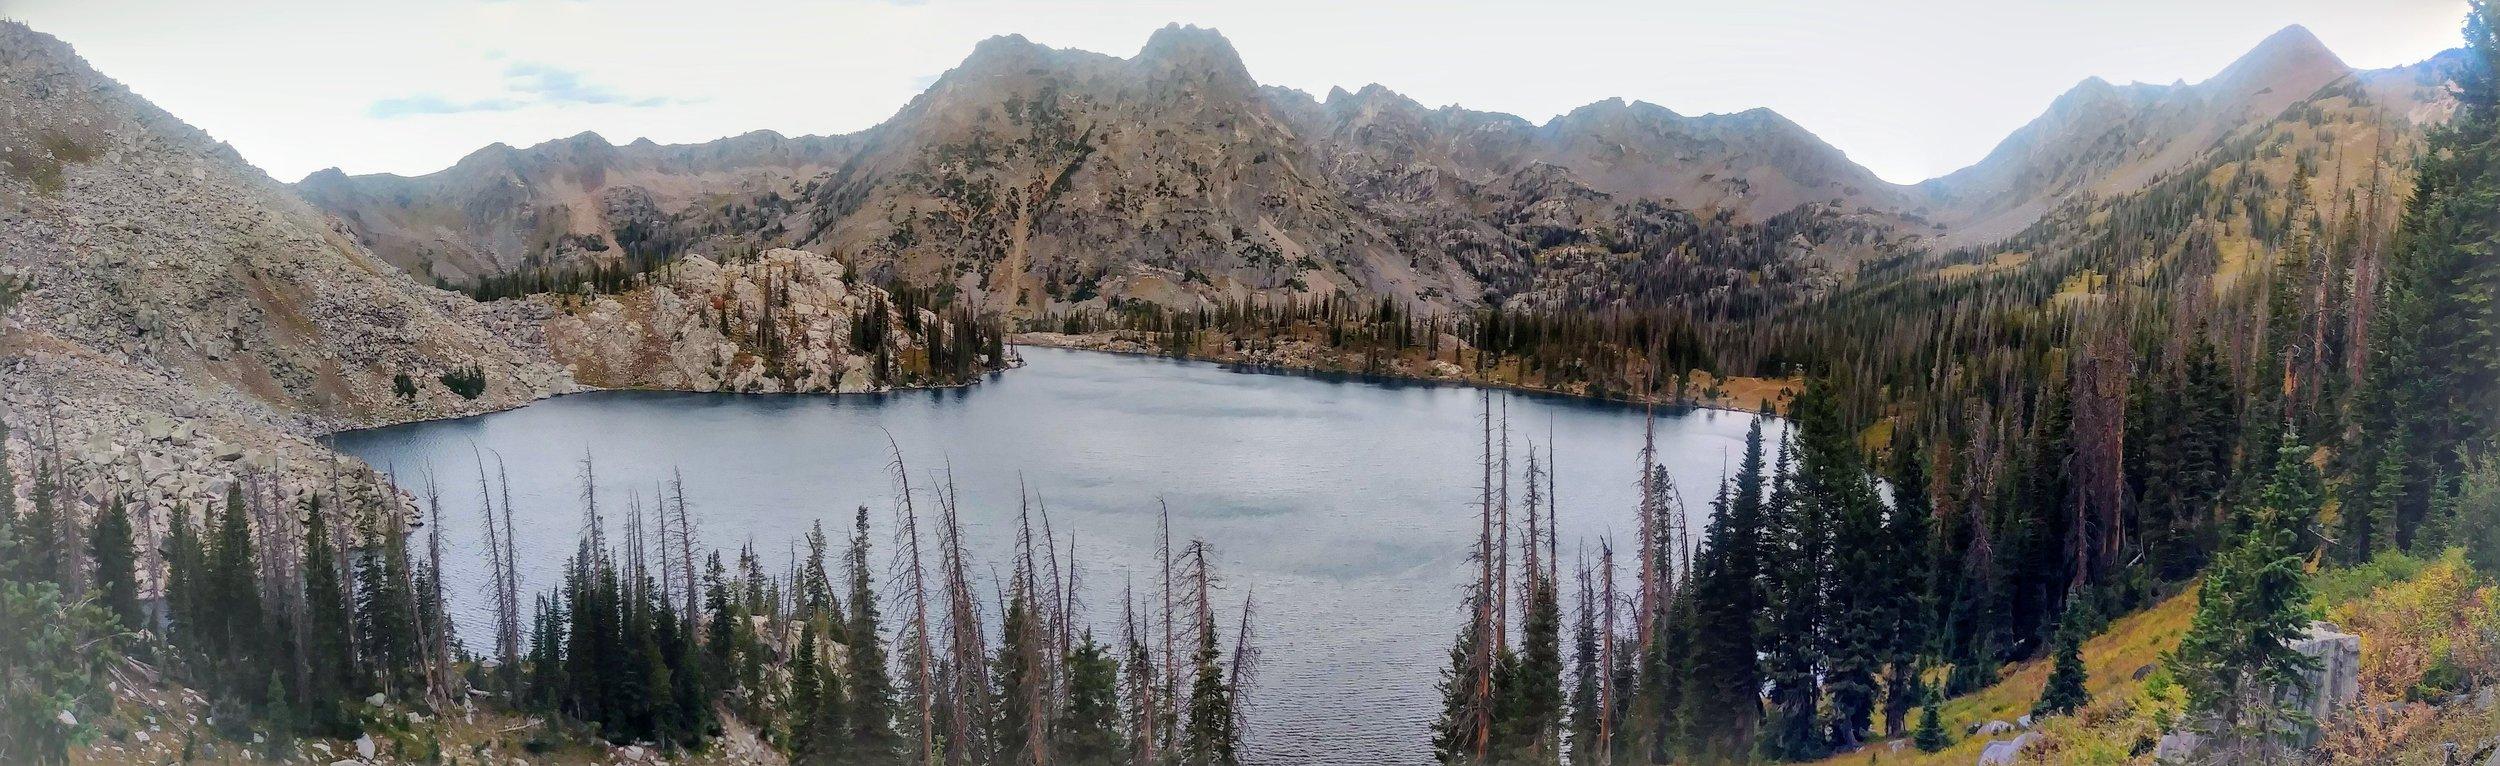 Gilpin Lake panorama in Zirkel Wilderness